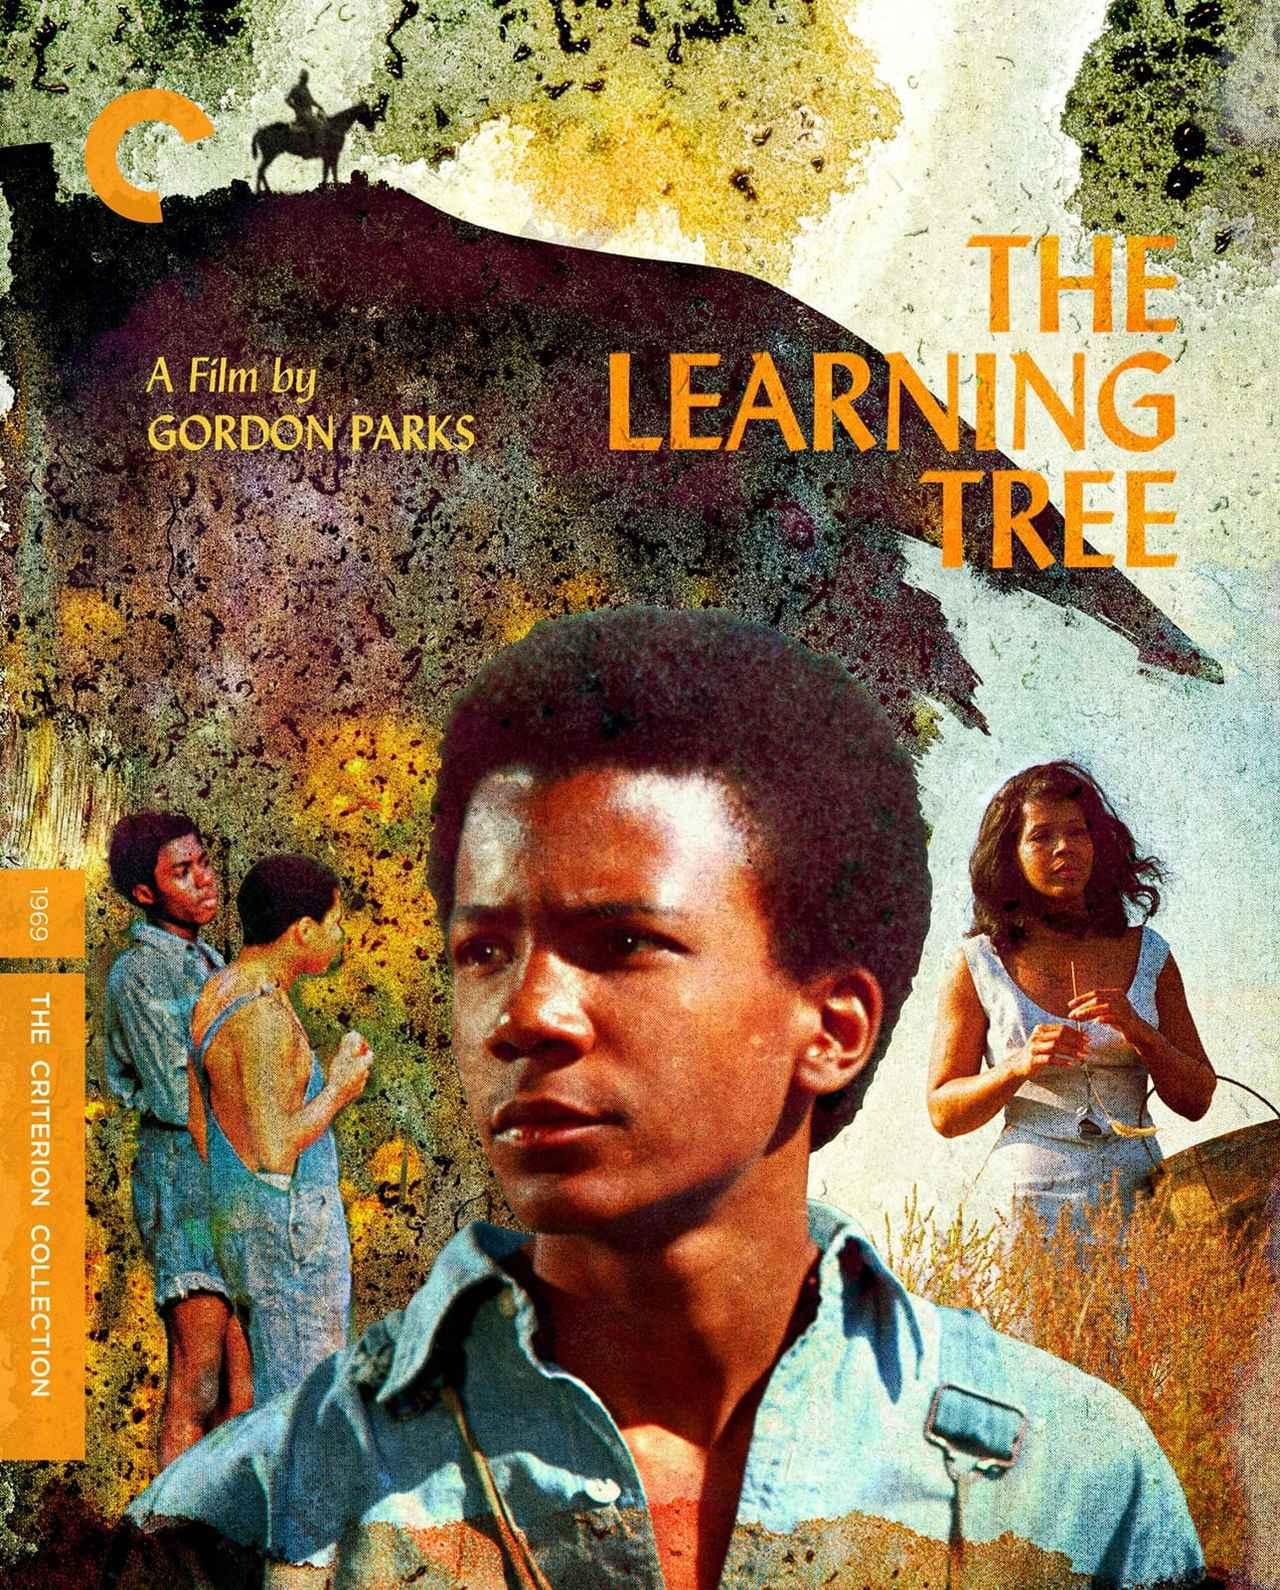 画像: 知恵の木/THE LEARNING TREE 12月14日リリース 1969年/製作・監督・脚本・音楽ゴードン・パークス /撮影バーネット・ガフィ/出演 カイル・ジョンソン, アレックス・クラーク, エステル・エヴァンス, ダナ・エルカー 本作の2年後に『黒いジャガー』を監督することになる、写真家出身のゴードン・パークス監督デビュー作。大手スタジオが初めて黒人監督を起用した映画でもあり、パークスの自伝的作品。1920年代半ばのアメリカ。15歳の黒人少年がさまざまな障害を乗り越えながら、成長していく姿を描く。 ******************************************************************************************************************************** United States | 107 minutes | Color | 2.35:1 | English | SRP: $39.95